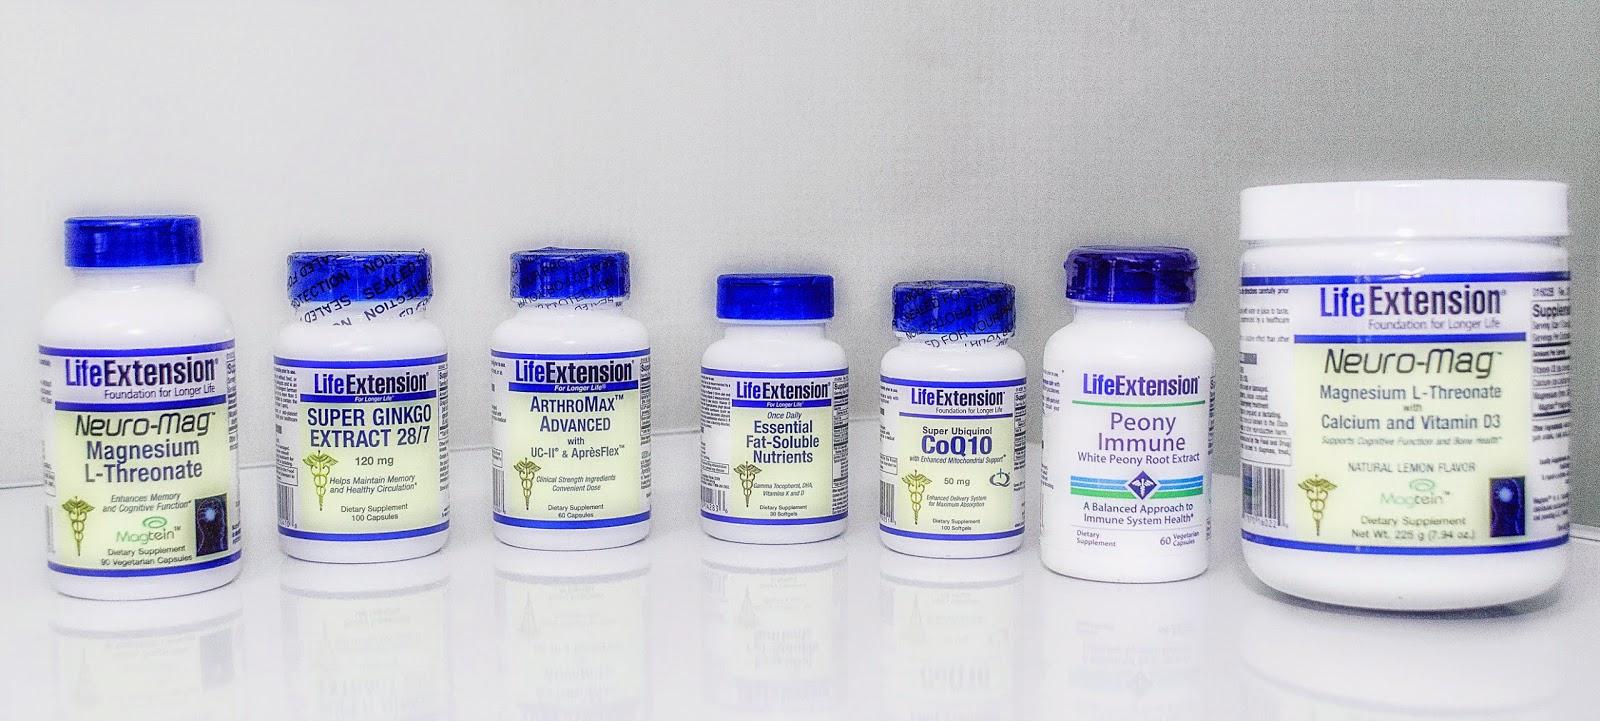 NUTRI - VIDA: Productos LIFE EXTENSION disponibles en